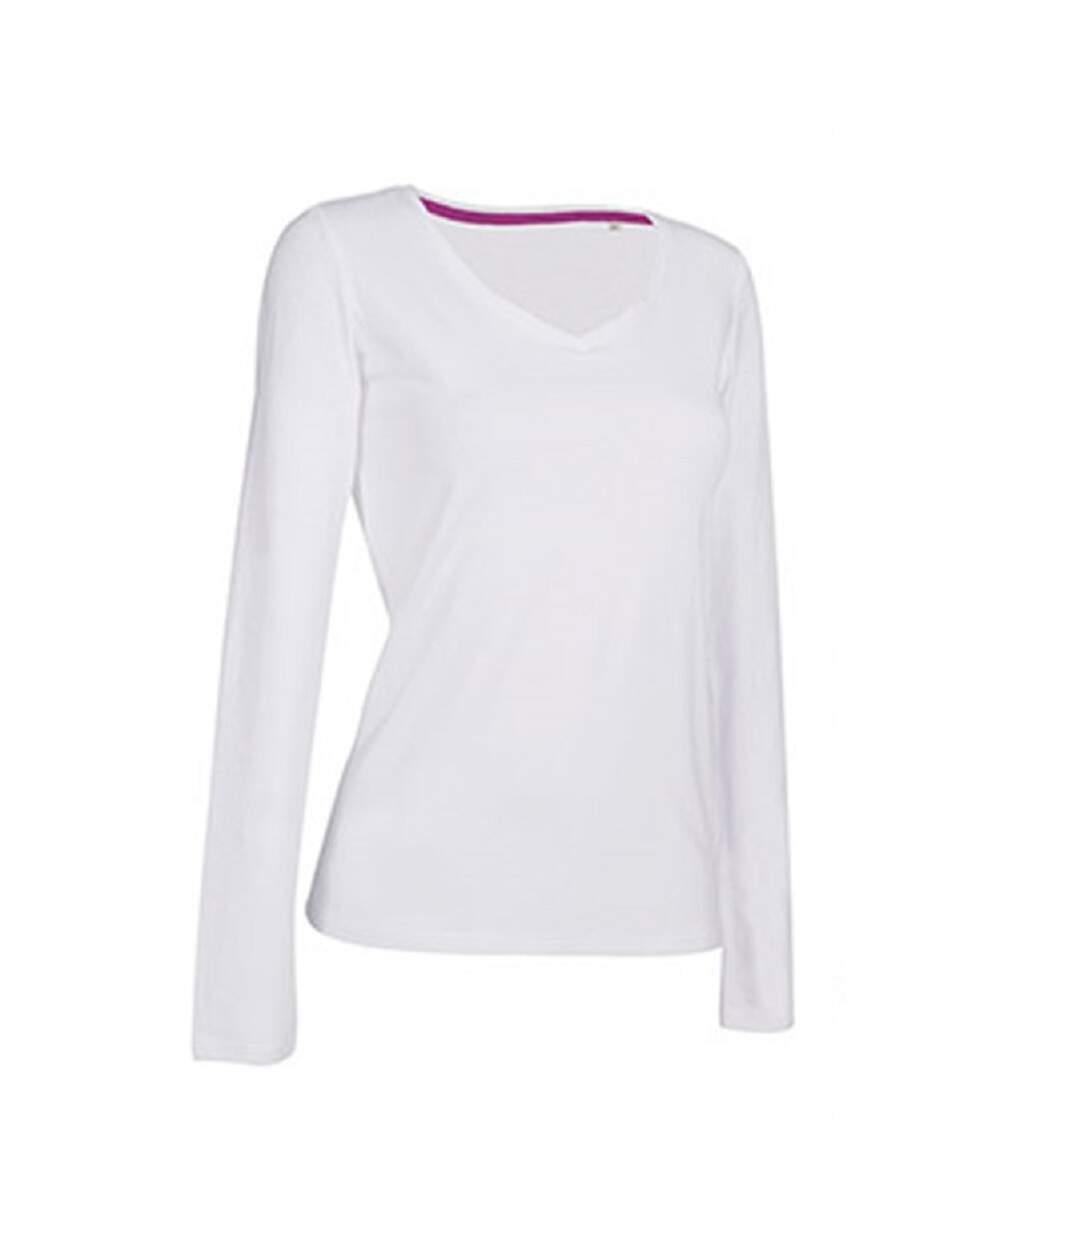 Stedman - T-Shirt À Manches Longues Claire - Femme (Blanc) - UTAB392